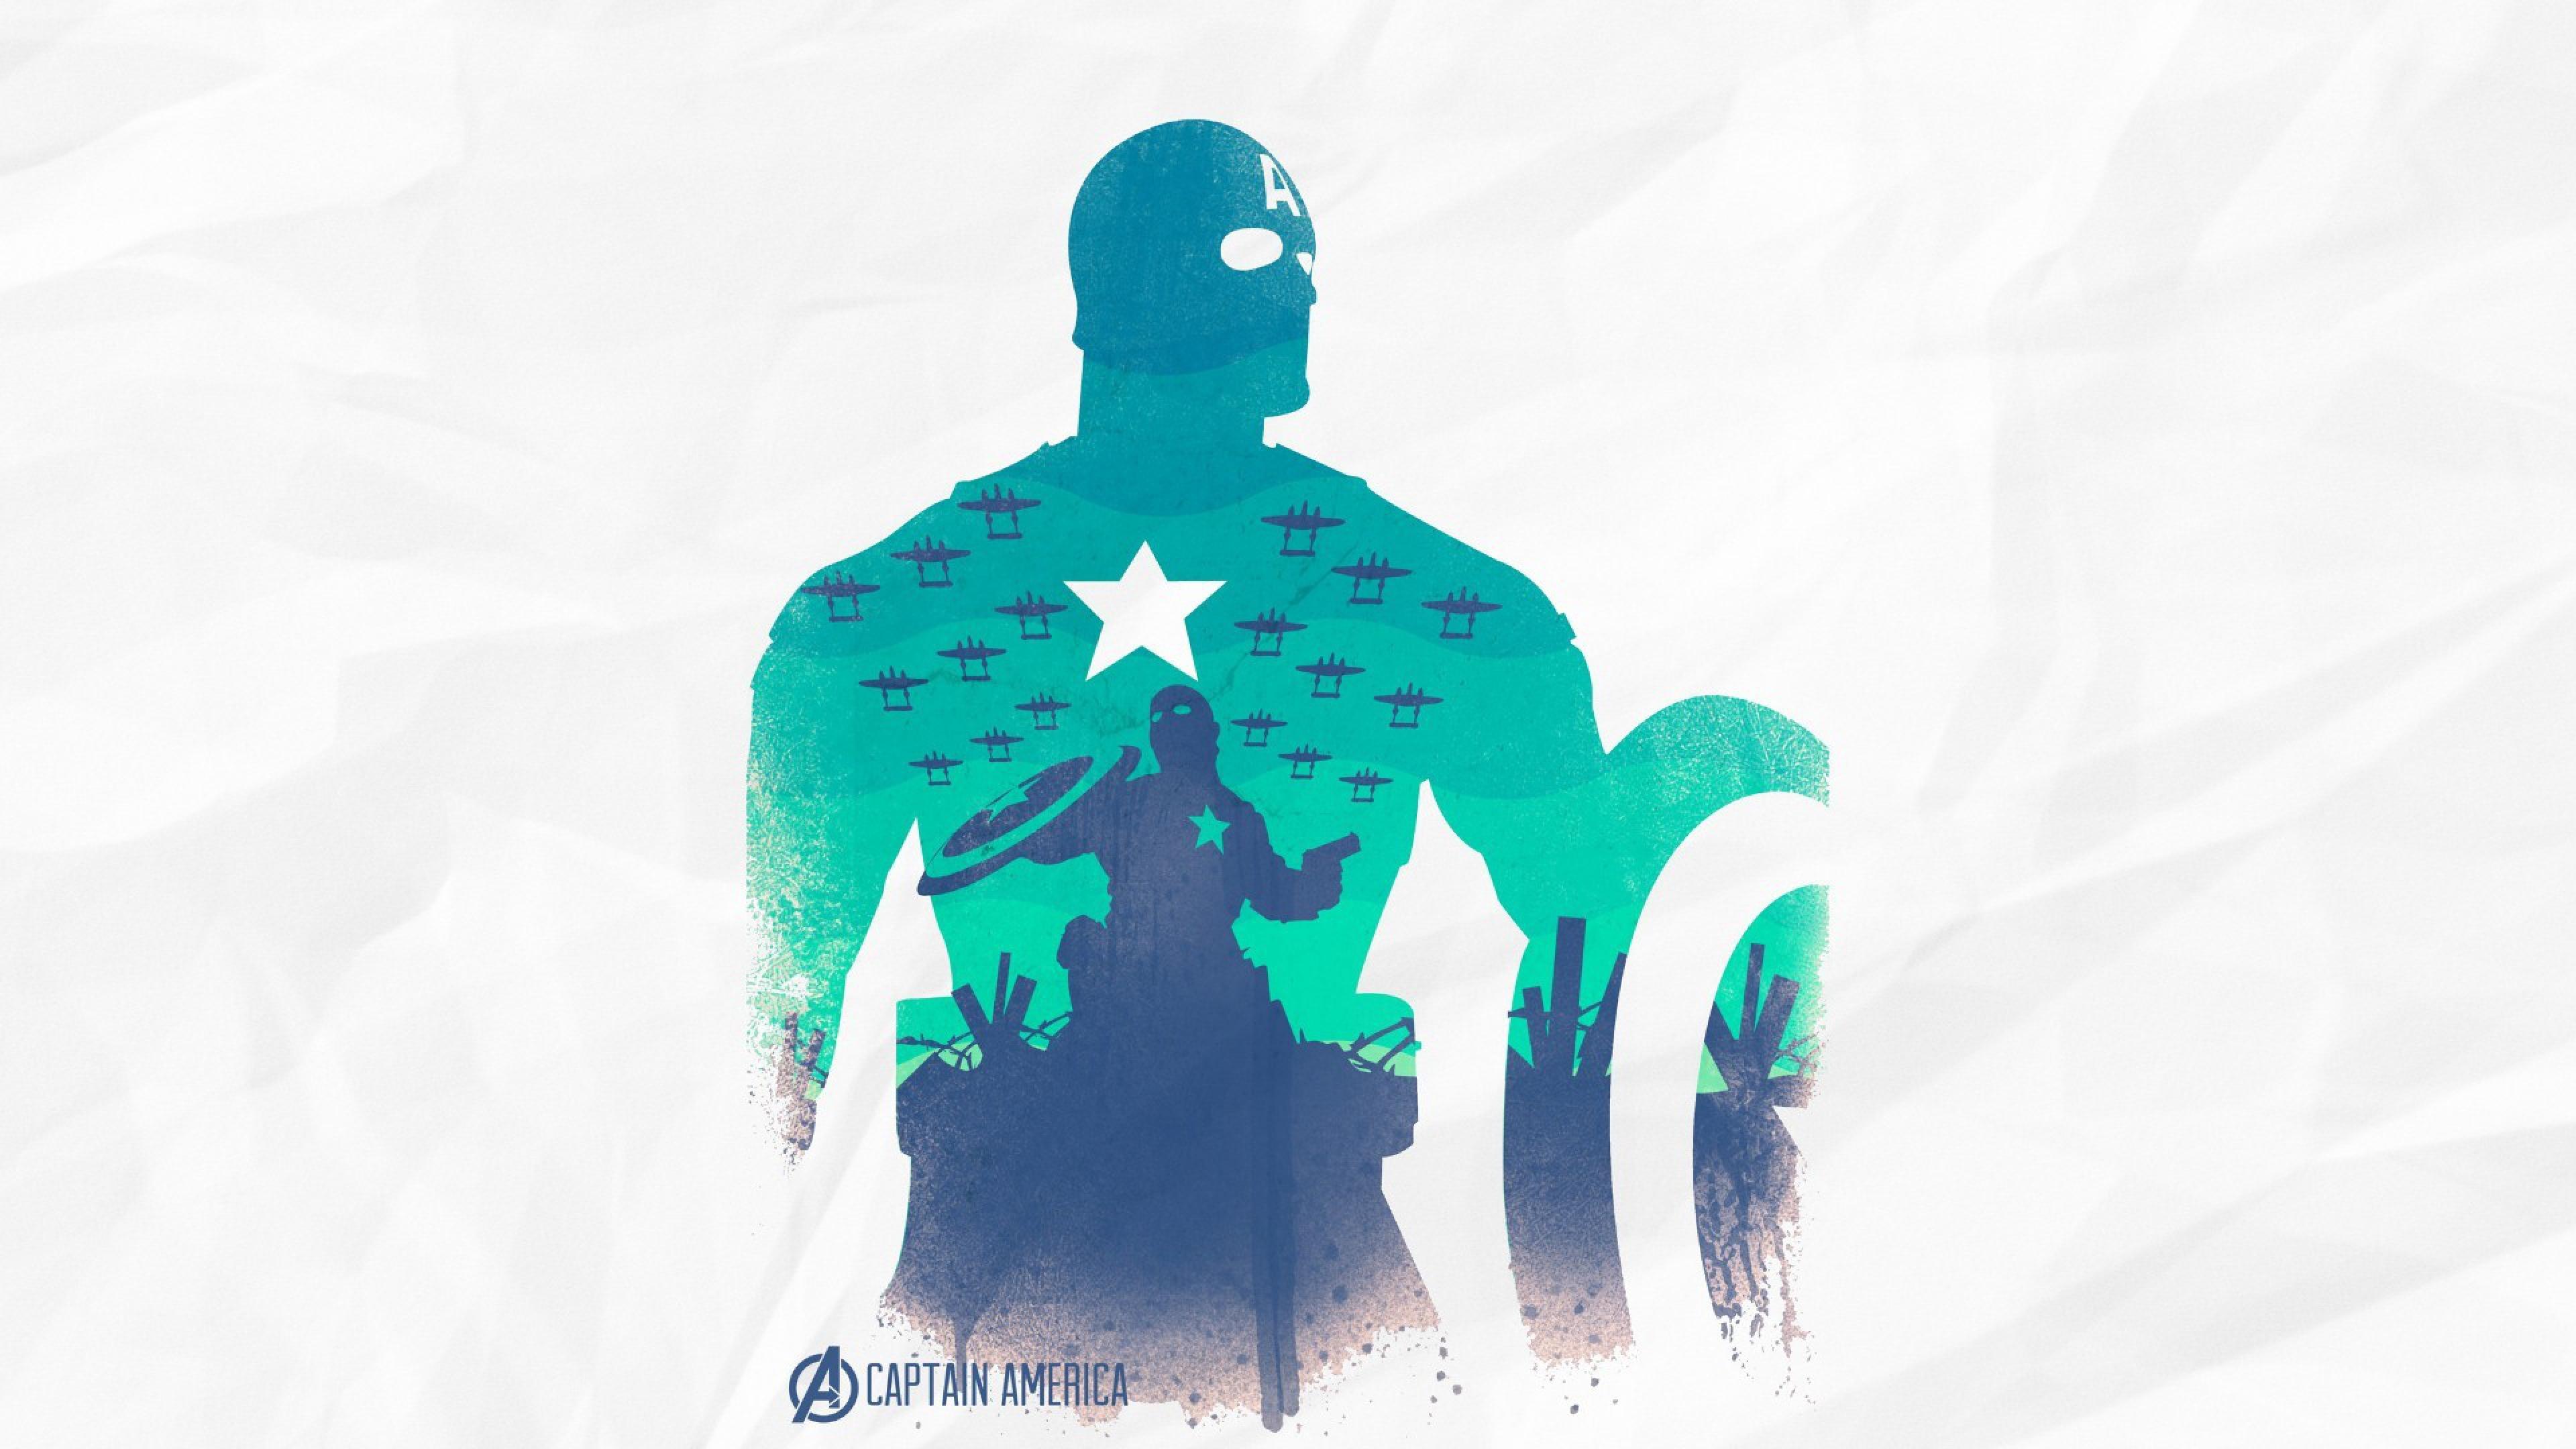 the avengers captain america art 1540748173 - The Avengers Captain America Art - the avengers wallpapers, captain america wallpapers, artist wallpapers, art wallpapers